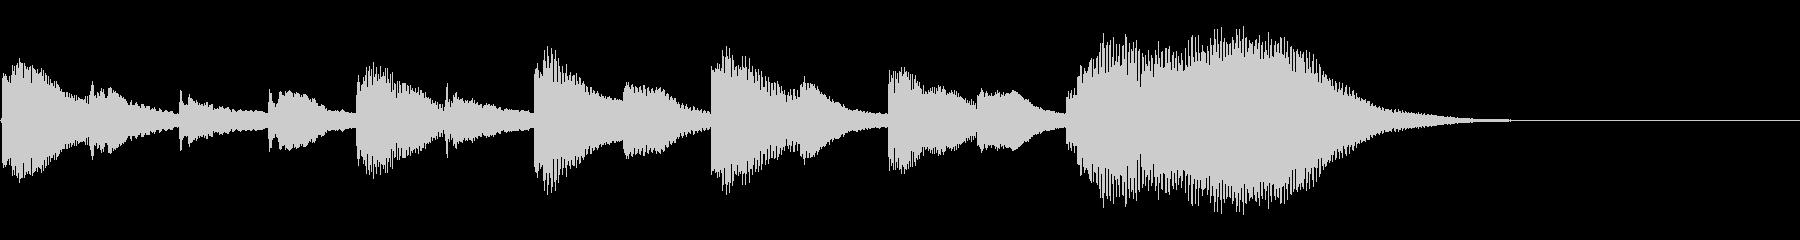 マリンバのアウトロの未再生の波形